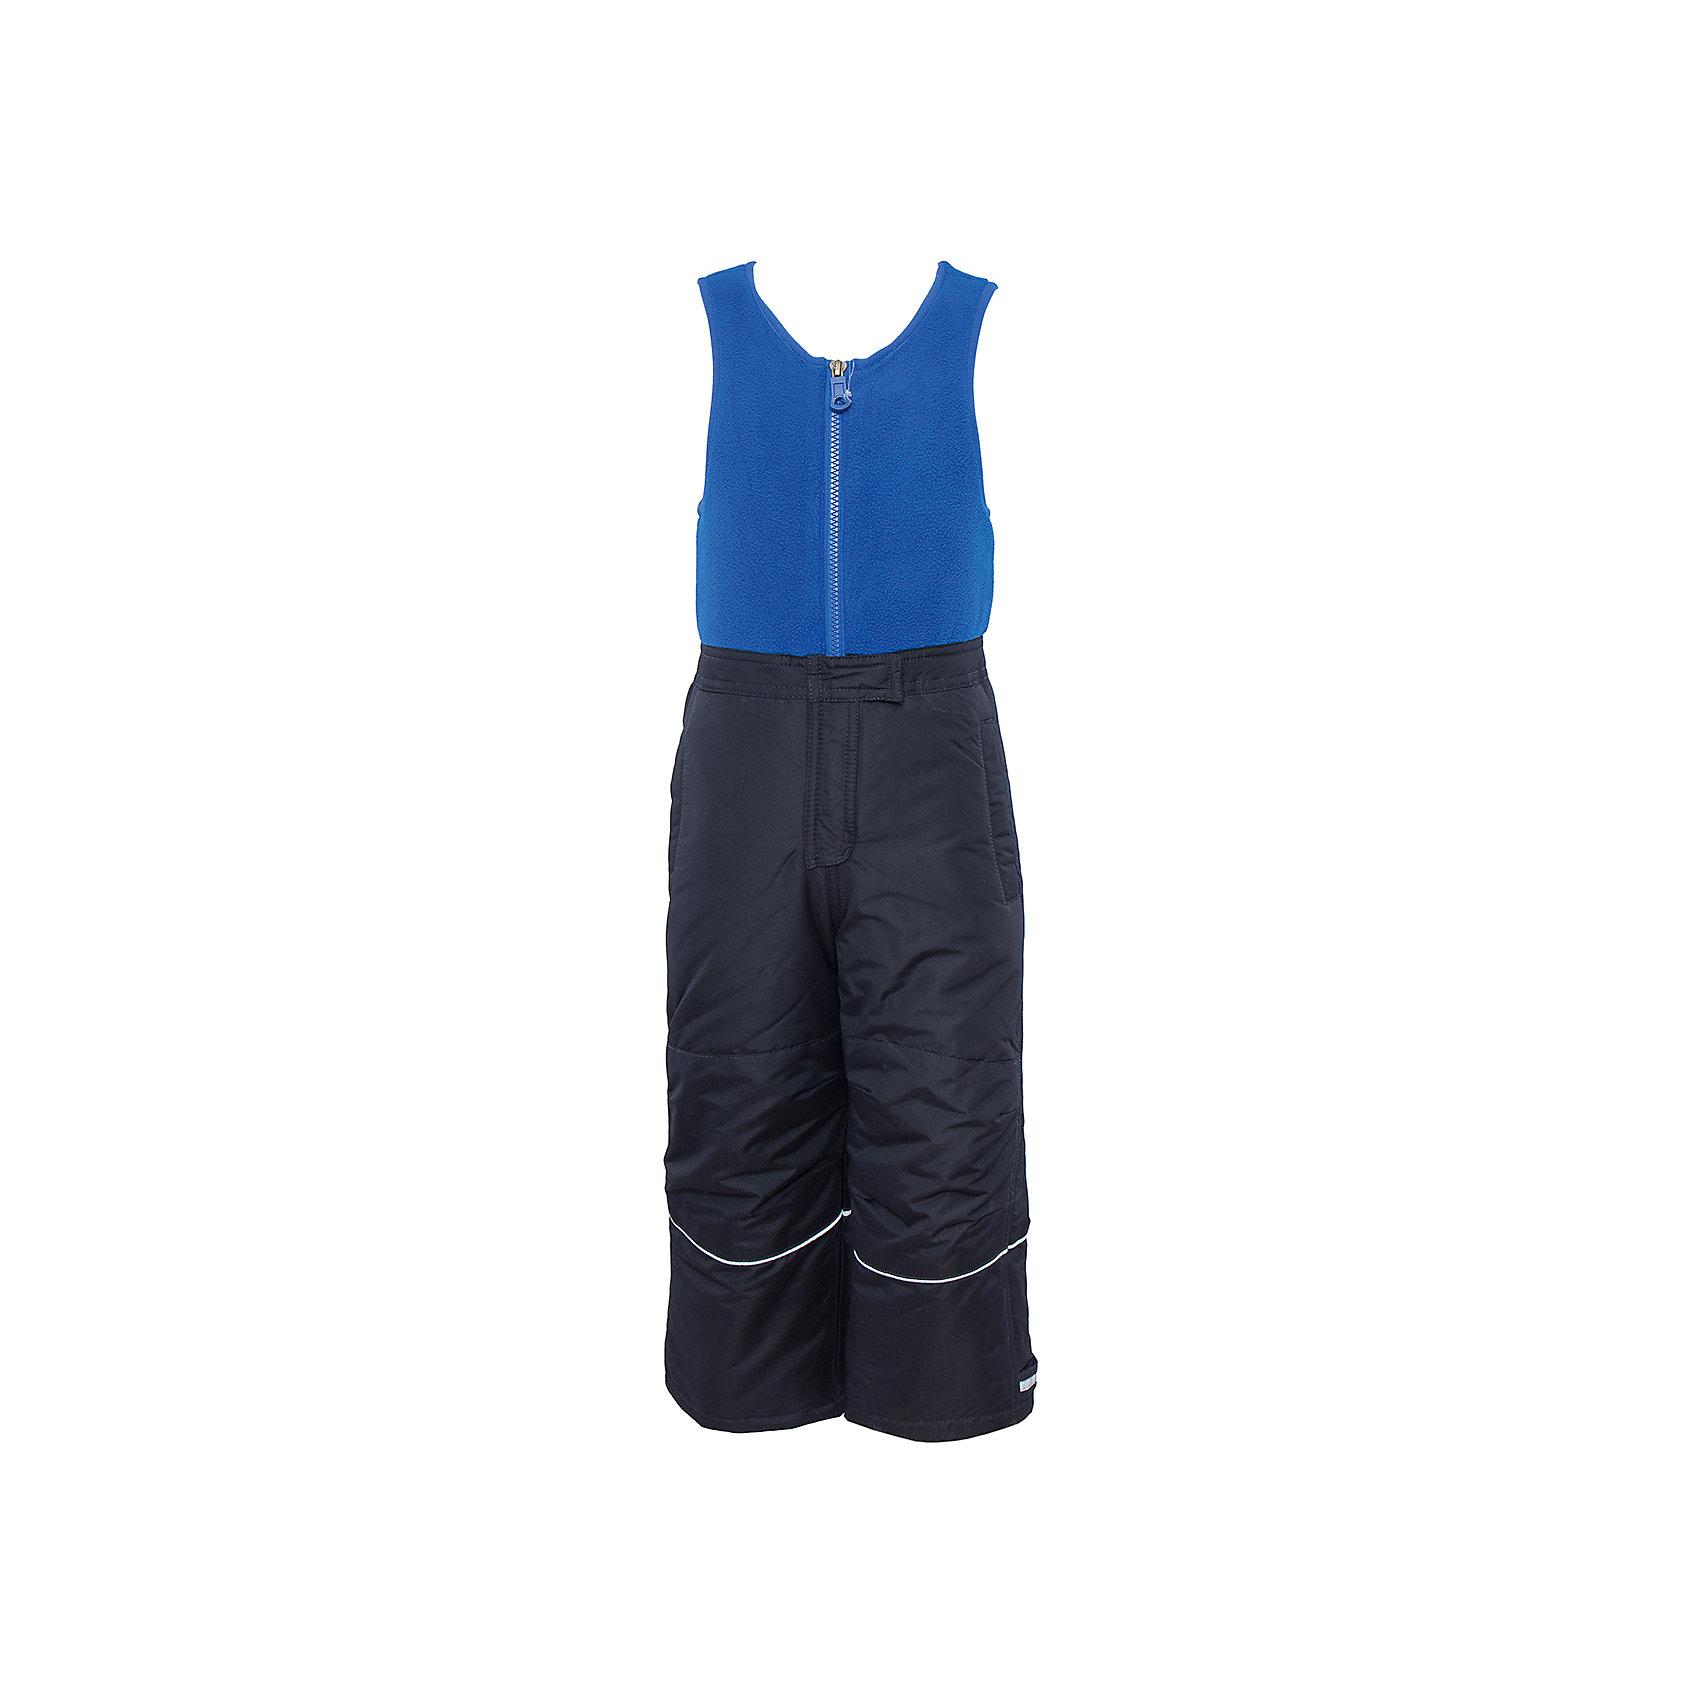 Комбинезон для мальчика SELAВерхняя одежда<br>Утепленный комбинезон - незаменимая вещь для детей в прохладное время года. Эта модель отлично сидит на ребенке, она сшита из плотного материала, позволяет заниматься спортом на свежем воздухе зимой. Мягкая подкладка не вызывает аллергии и обеспечивает ребенку комфорт. Модель станет отличной базовой вещью, которая будет уместна в различных сочетаниях.<br>Одежда от бренда Sela (Села) - это качество по приемлемым ценам. Многие российские родители уже оценили преимущества продукции этой компании и всё чаще приобретают одежду и аксессуары Sela.<br><br>Дополнительная информация:<br><br>цвет: разноцветный;<br>материал: верх - 100% ПЭ, утеплитель - 100% ПЭ, подкладка - 100% ПЭ;<br>светоотражающие детали;<br>застежка - молния.<br><br>Комбинезон для мальчика от бренда Sela можно купить в нашем интернет-магазине.<br><br>Ширина мм: 356<br>Глубина мм: 10<br>Высота мм: 245<br>Вес г: 519<br>Цвет: черный<br>Возраст от месяцев: 60<br>Возраст до месяцев: 72<br>Пол: Мужской<br>Возраст: Детский<br>Размер: 116,98,104,110<br>SKU: 5008036